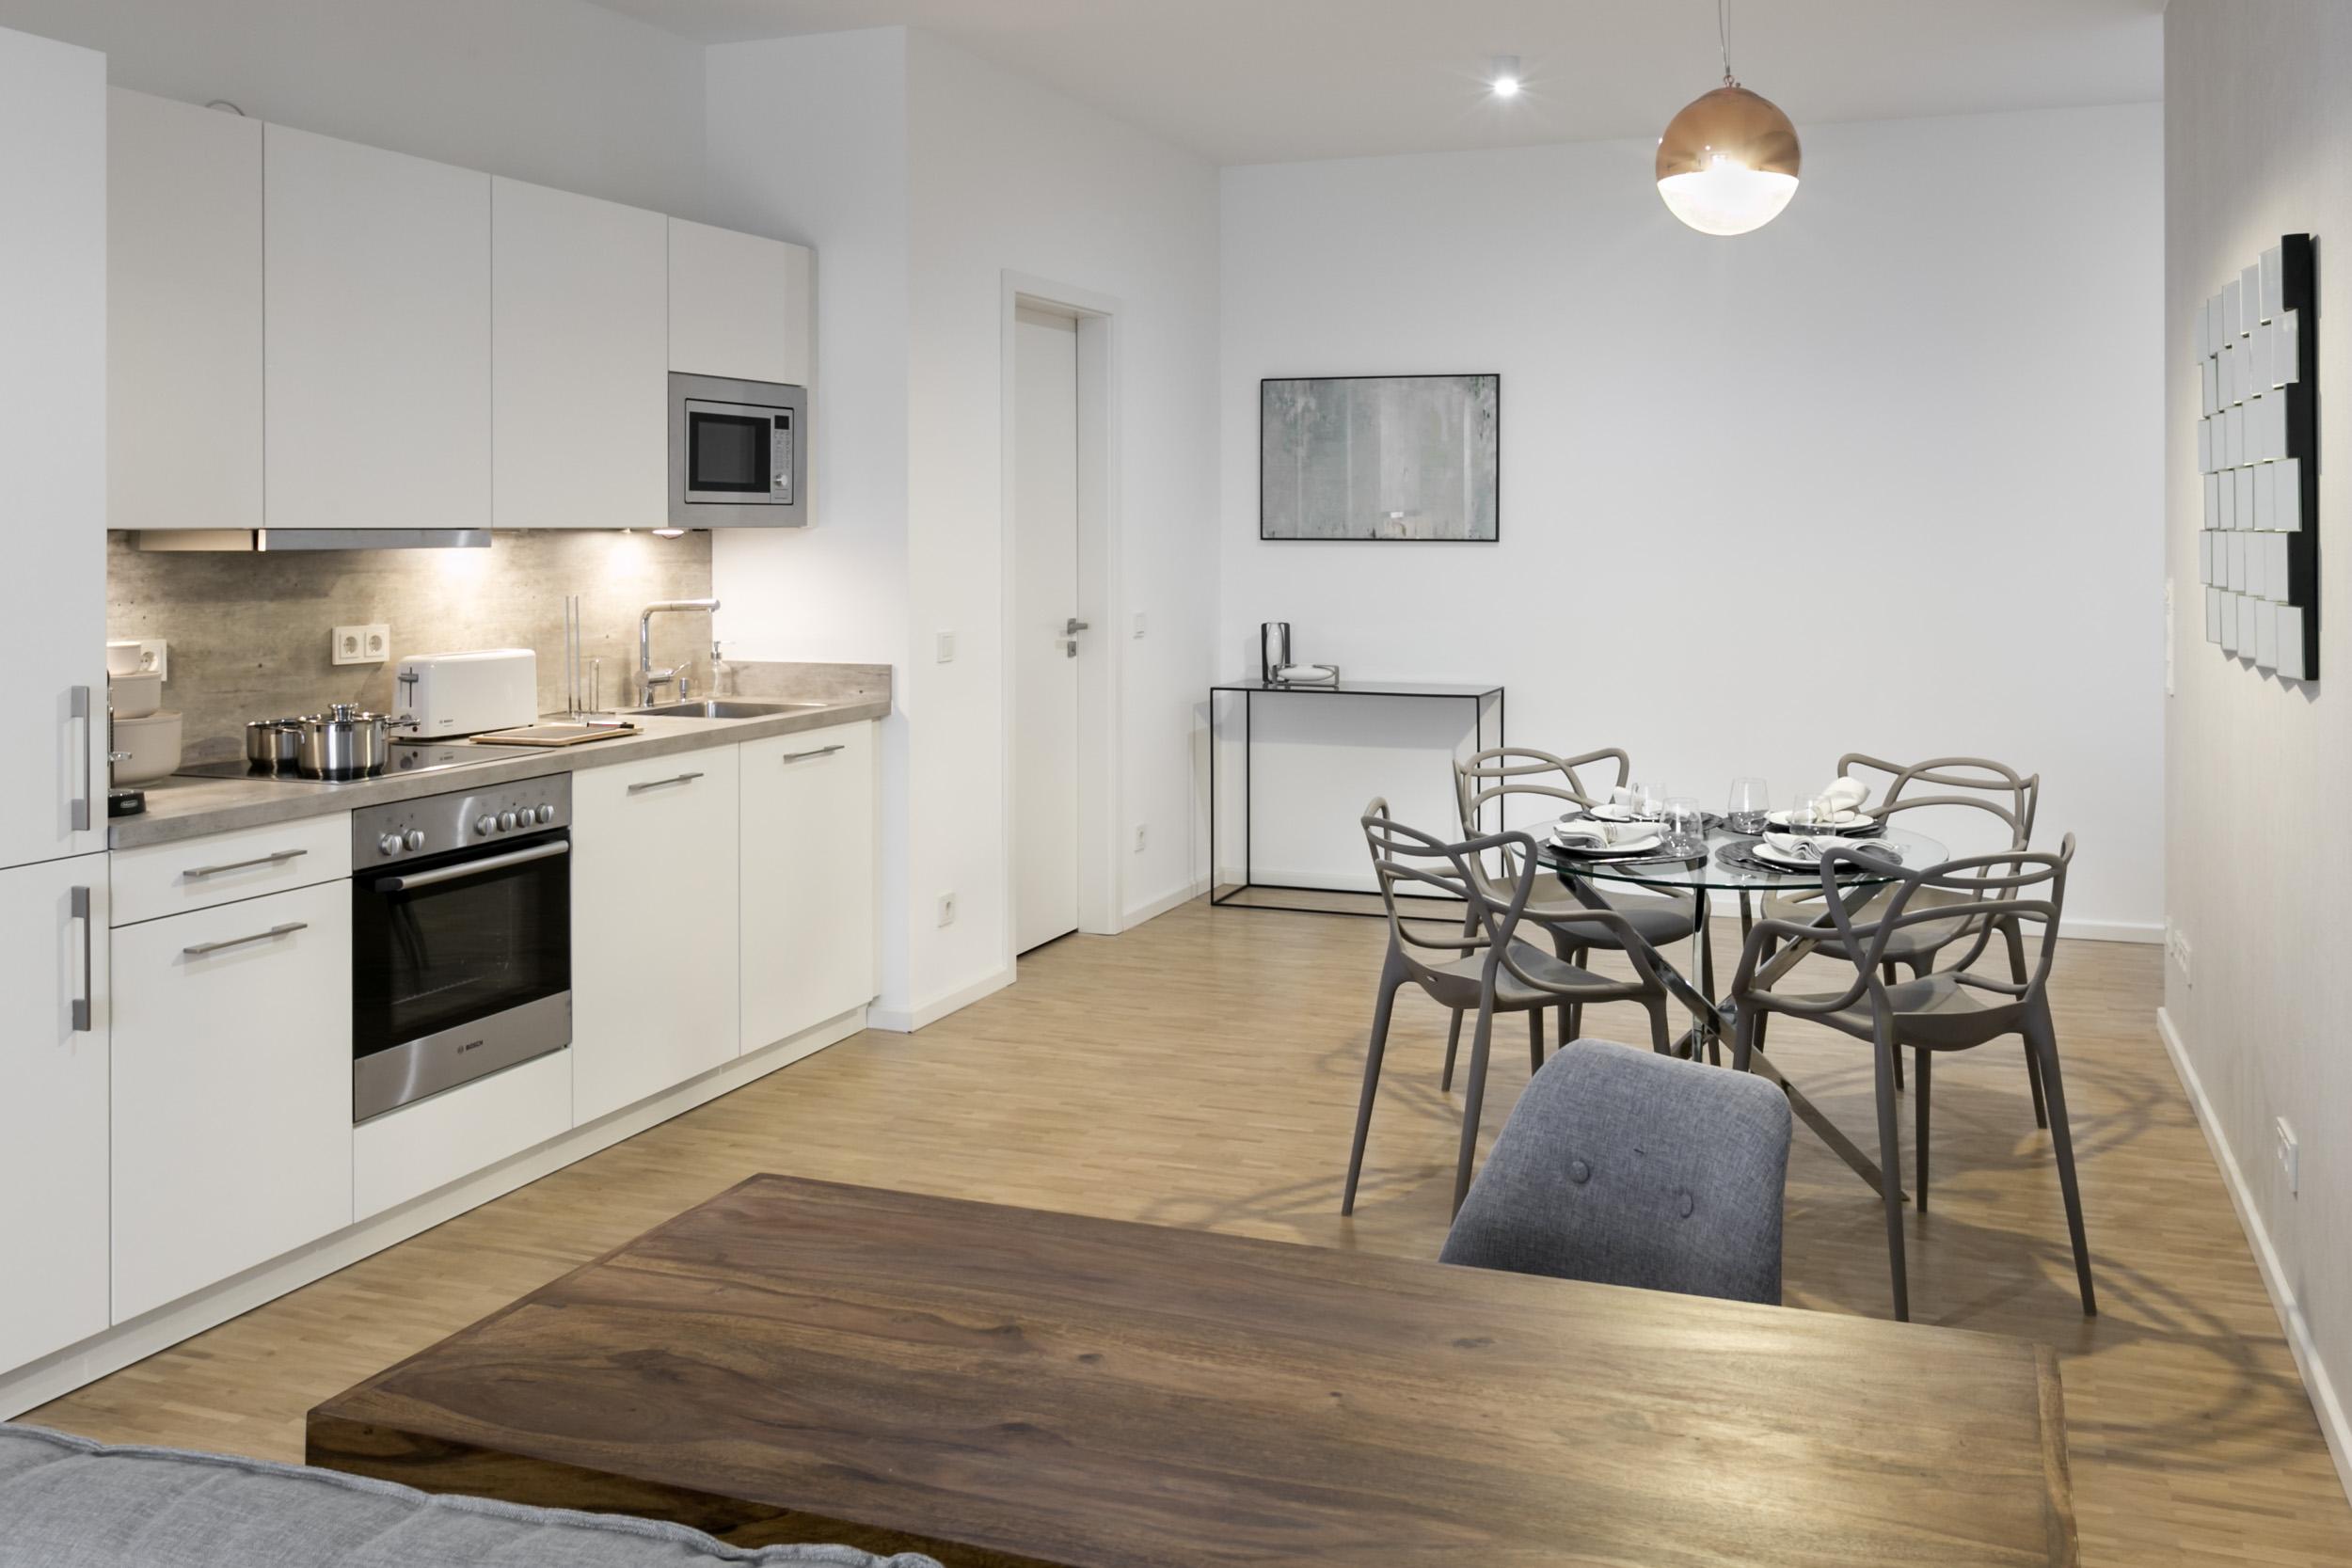 re-vamp+möbliertes+Mikropapartment+WE+153+Wohnzimmer_Küche.jpg